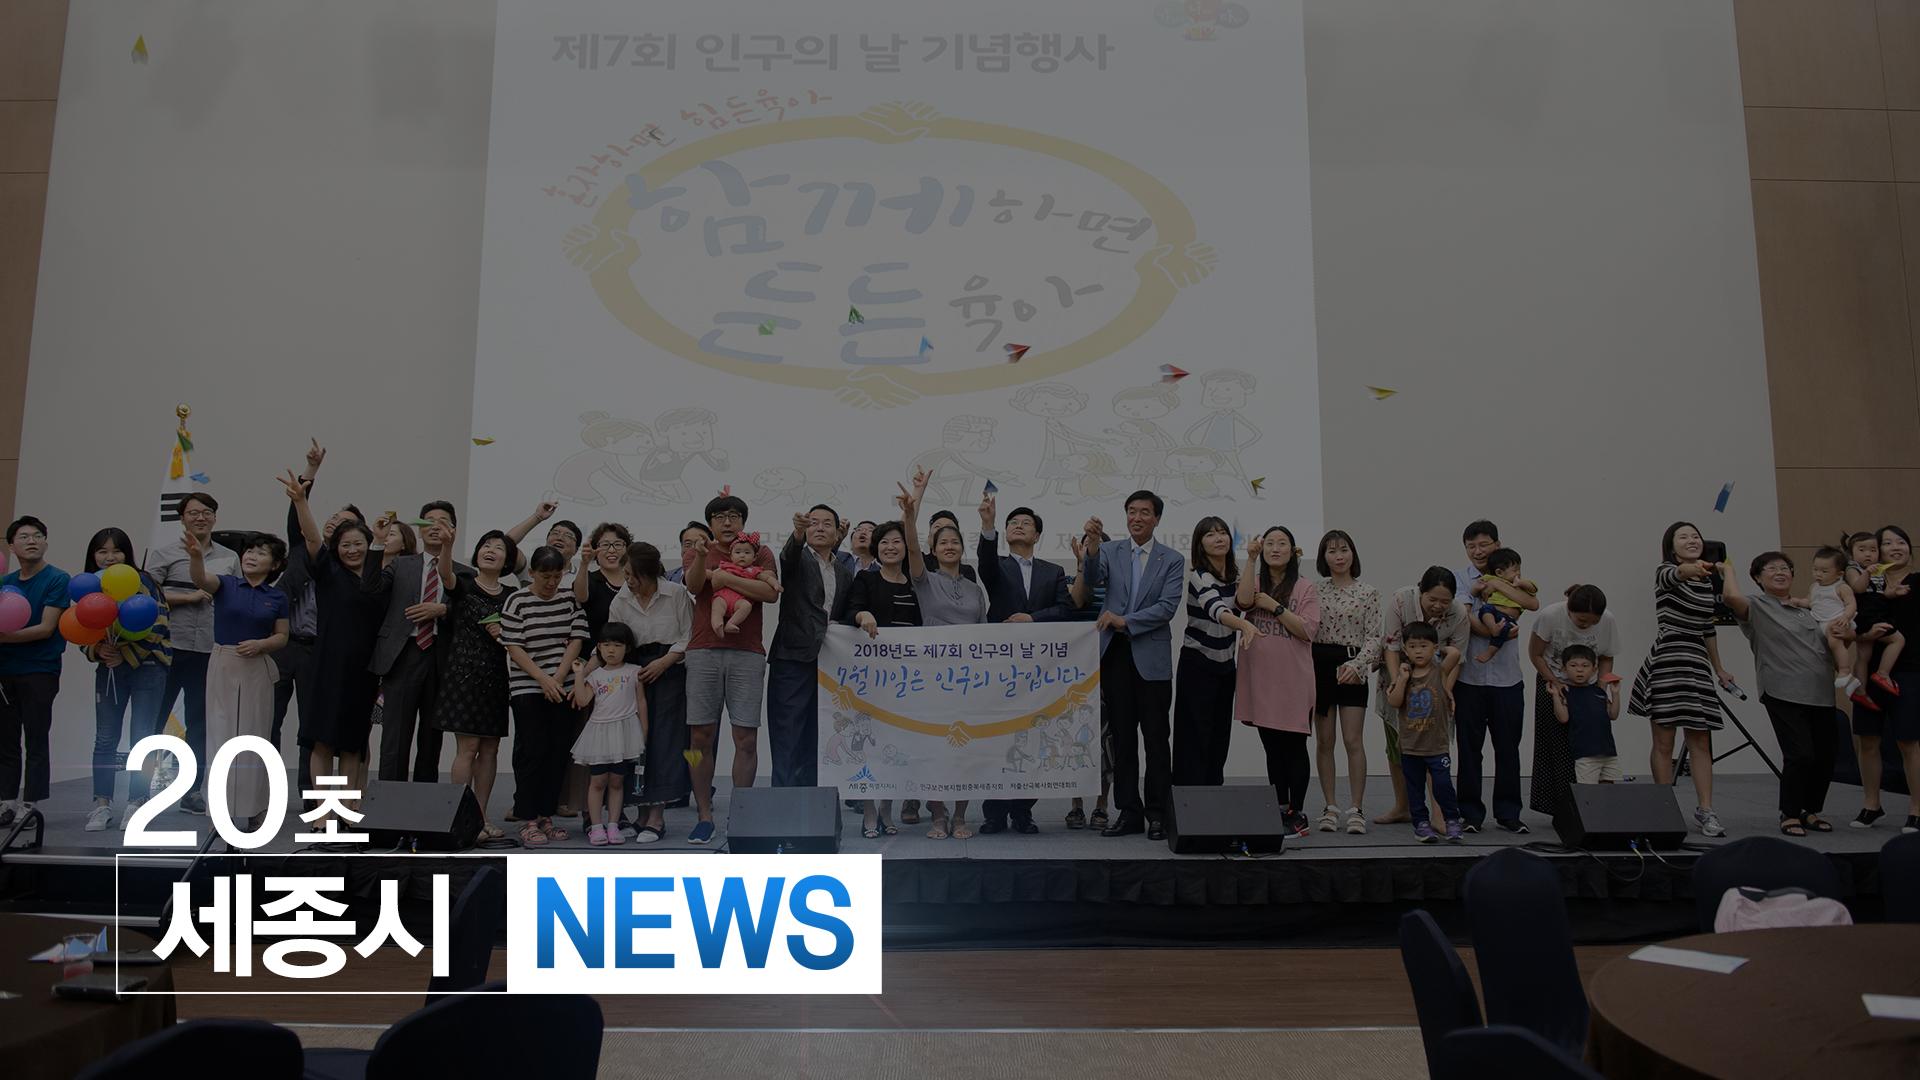 <20초뉴스> 세종시, 제7회 인구의 날 기념